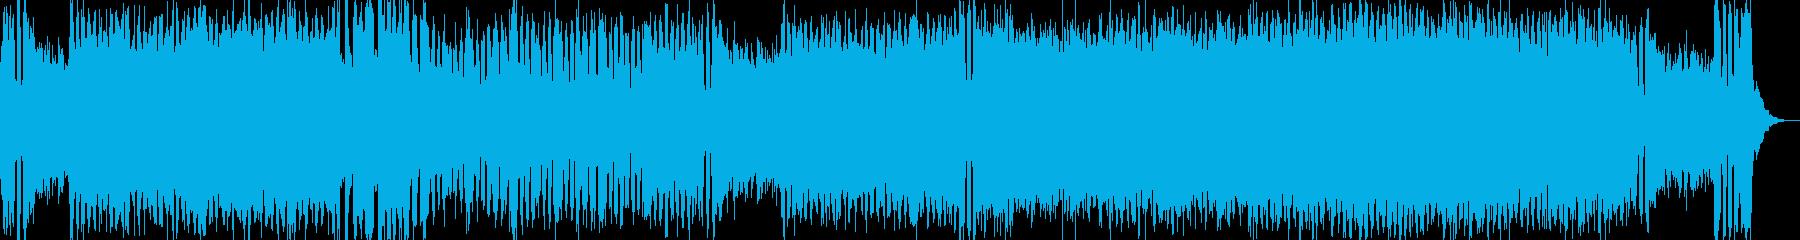 ゲーム用テクノレベルアップバトルBGMの再生済みの波形